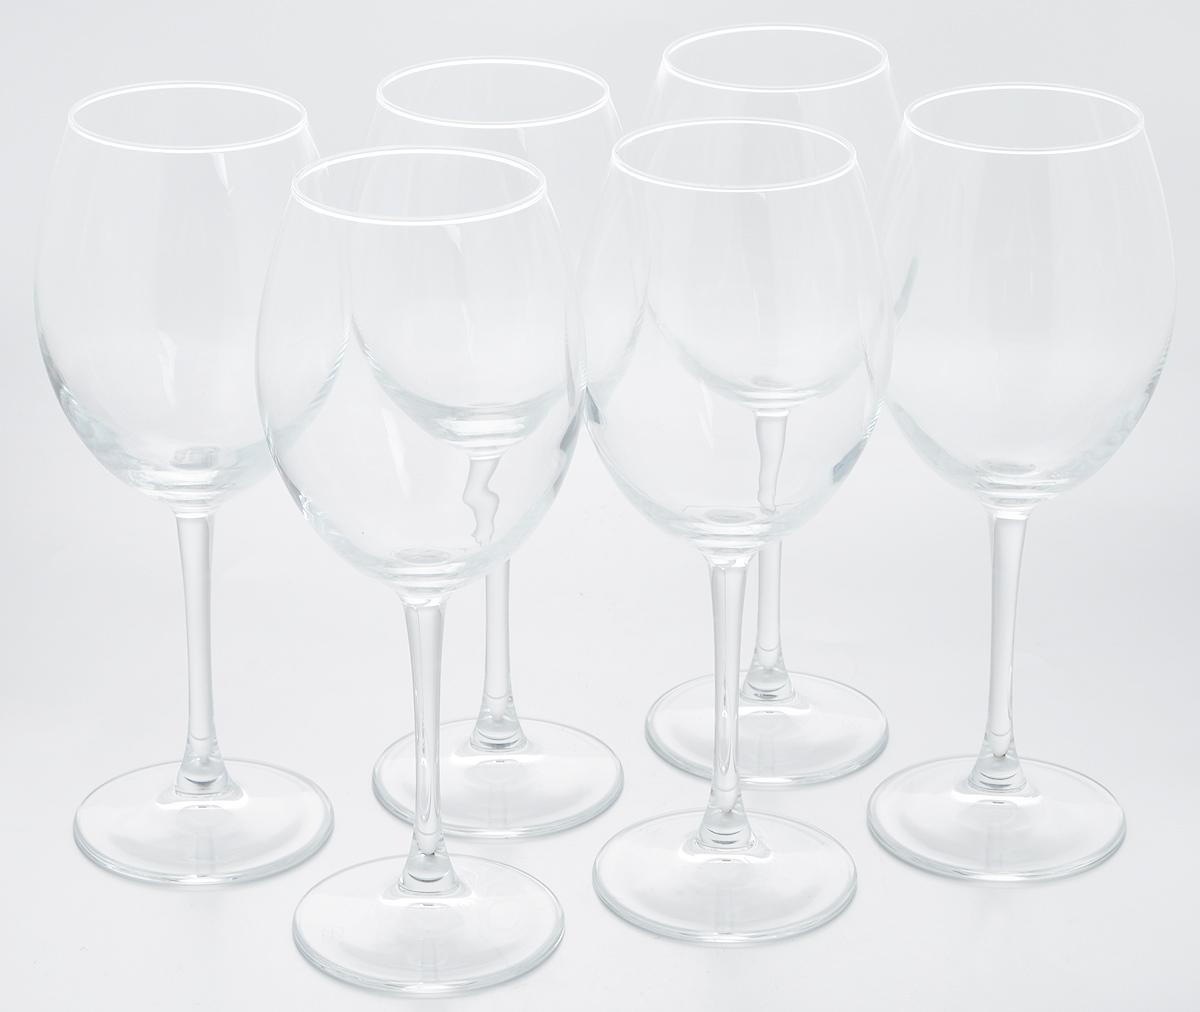 Набор бокалов для красного вина Pasabahce Enoteca, 550 мл, 6 шт набор бокалов для бренди коралл 40600 q8105 400 анжела